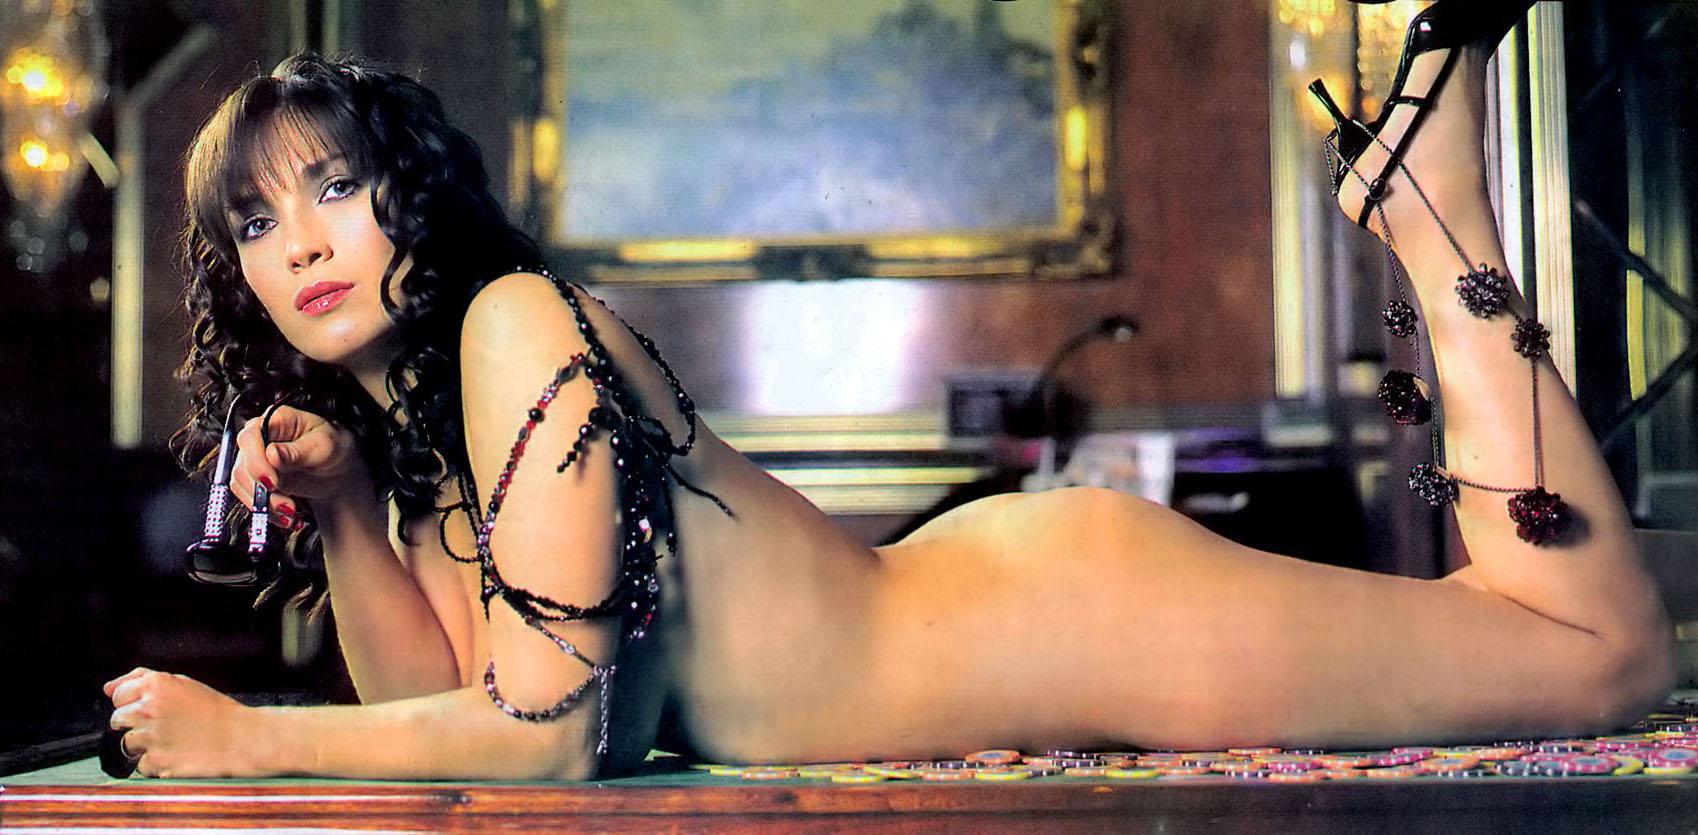 Тереза Косткова голая. Фото - 3